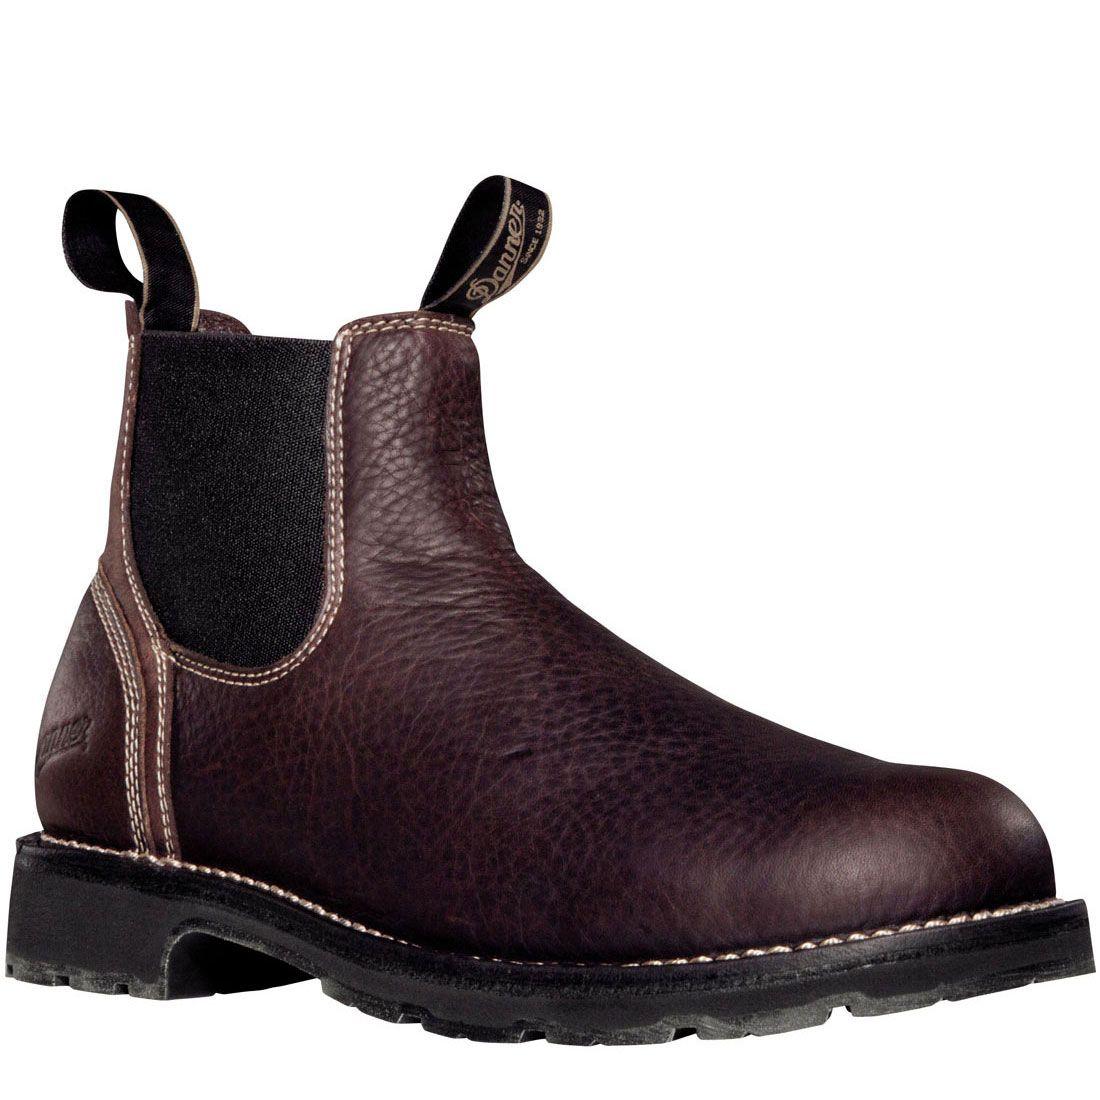 4d315df30a4 16009 Danner Men's Workman Work Boots - Brown | Danner Boots | Romeo ...